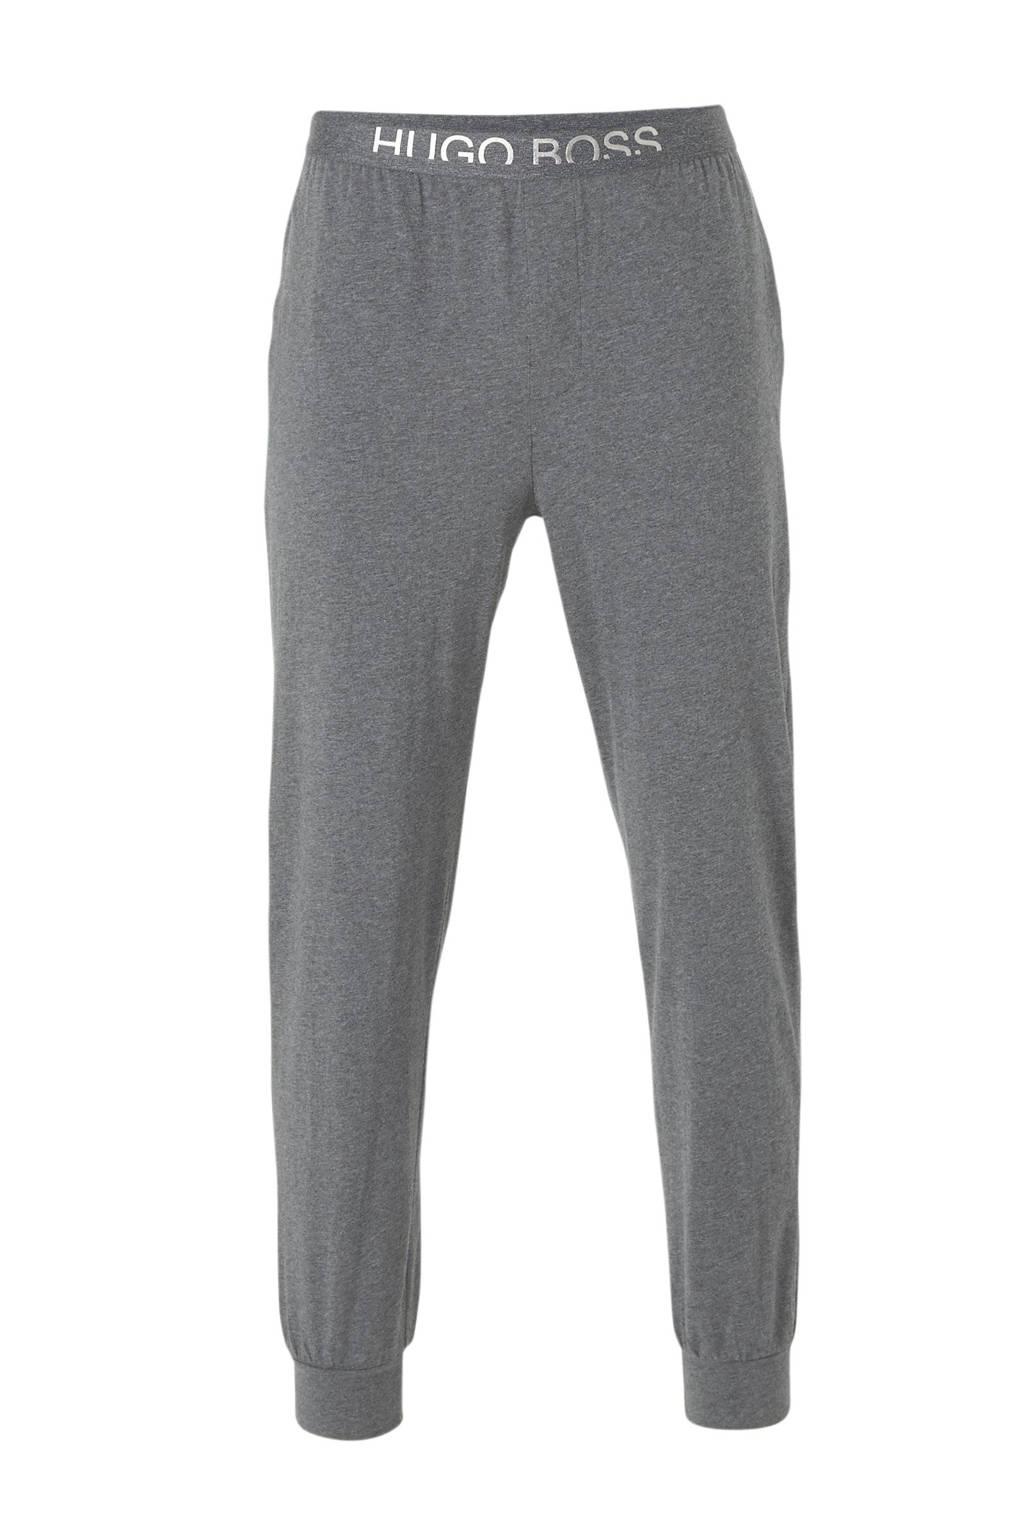 BOSS pyjamabroek antraciet, Antraciet